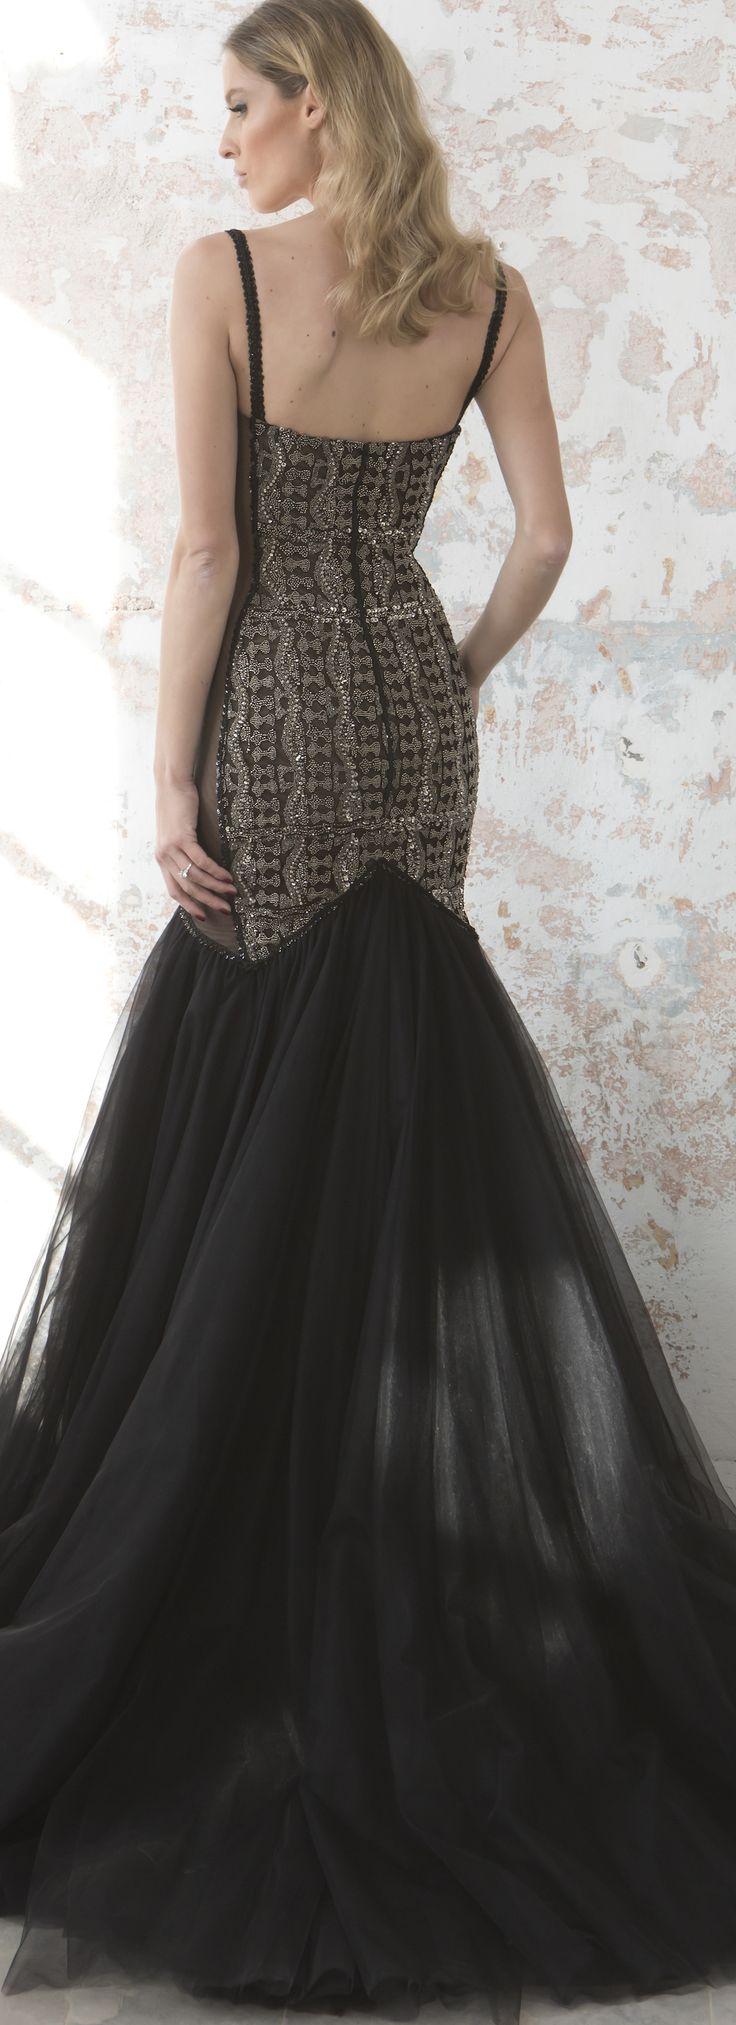 65 besten [Collection] Black Pearl - Evening Bilder auf Pinterest ...